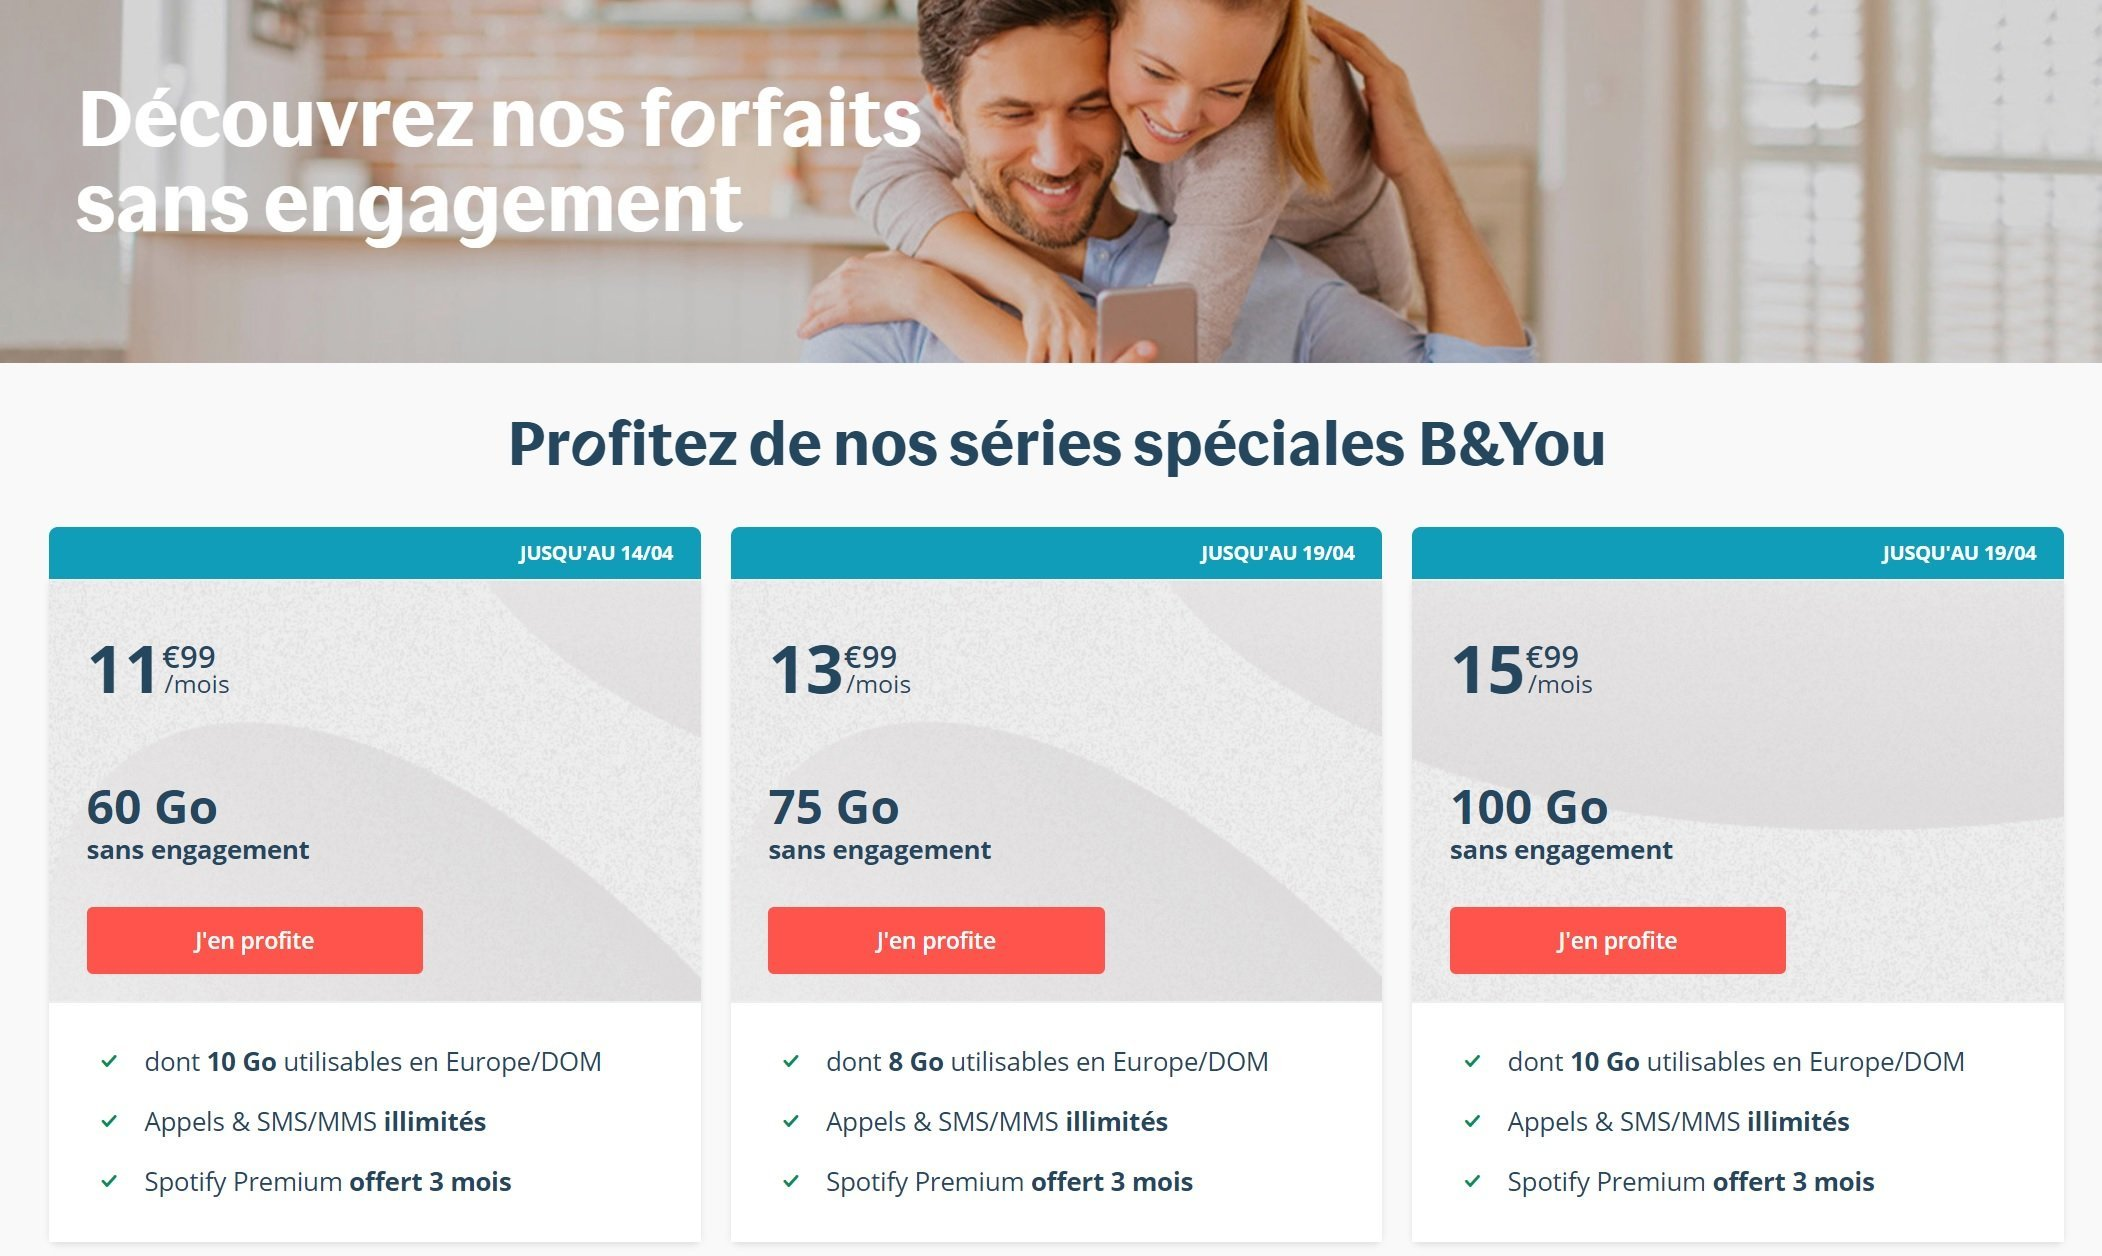 Forfait mobile : Bouygues Telecom propose encore de nouvelles offres B&You